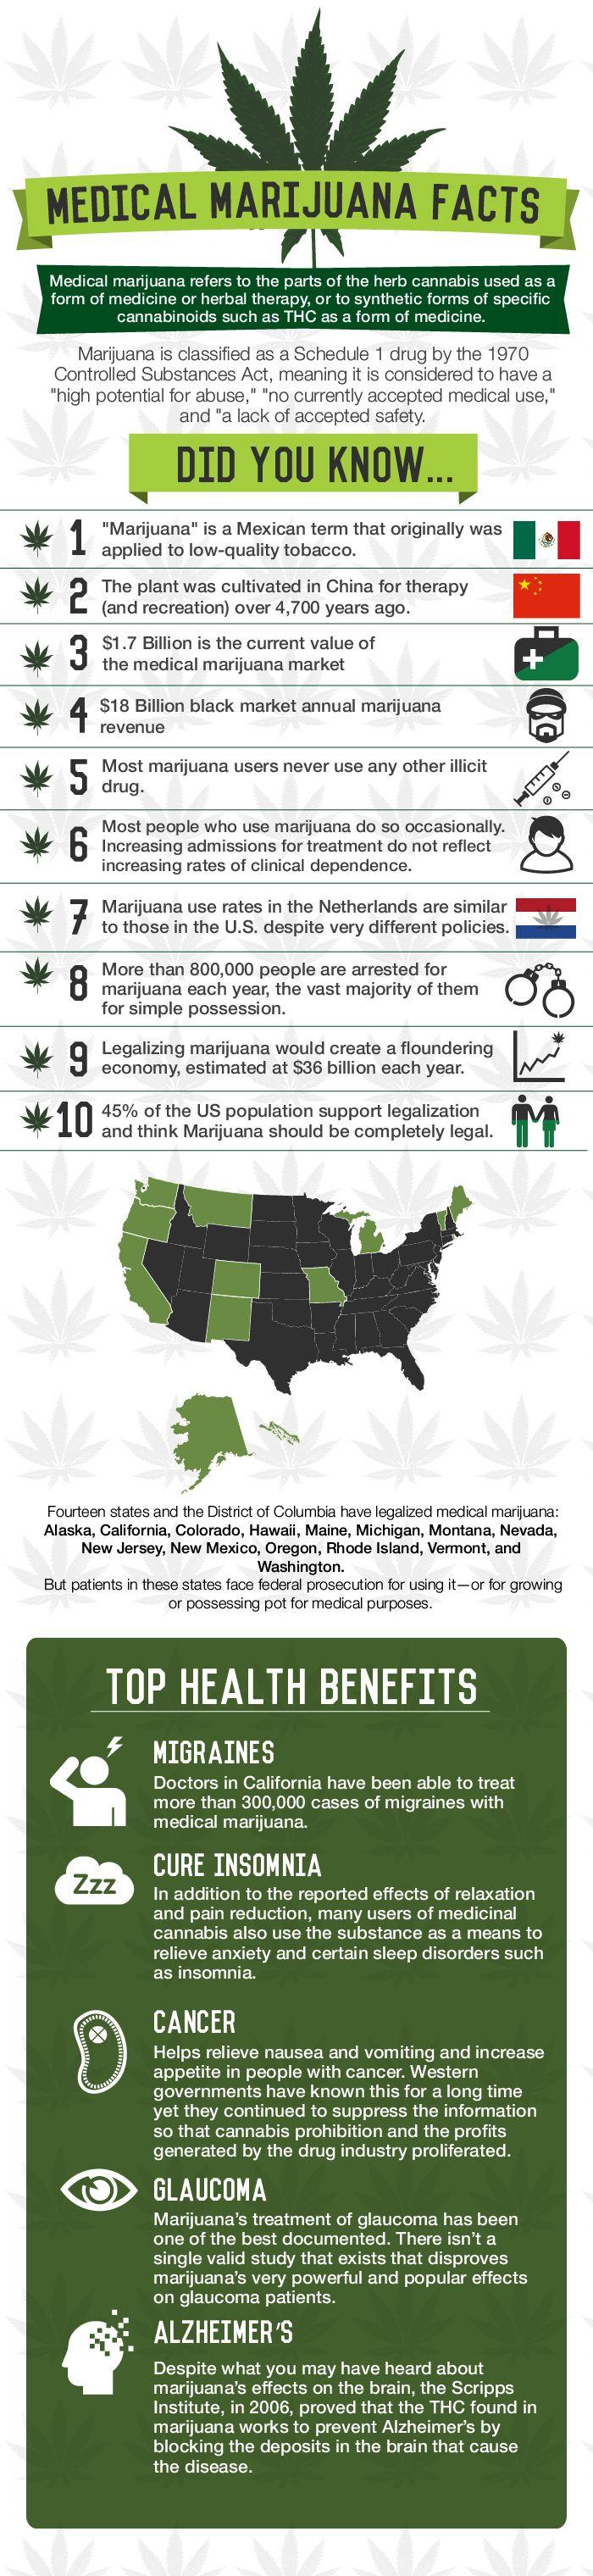 Medical marijuana facts #marijuana #marijuanainfographic budposters.com/